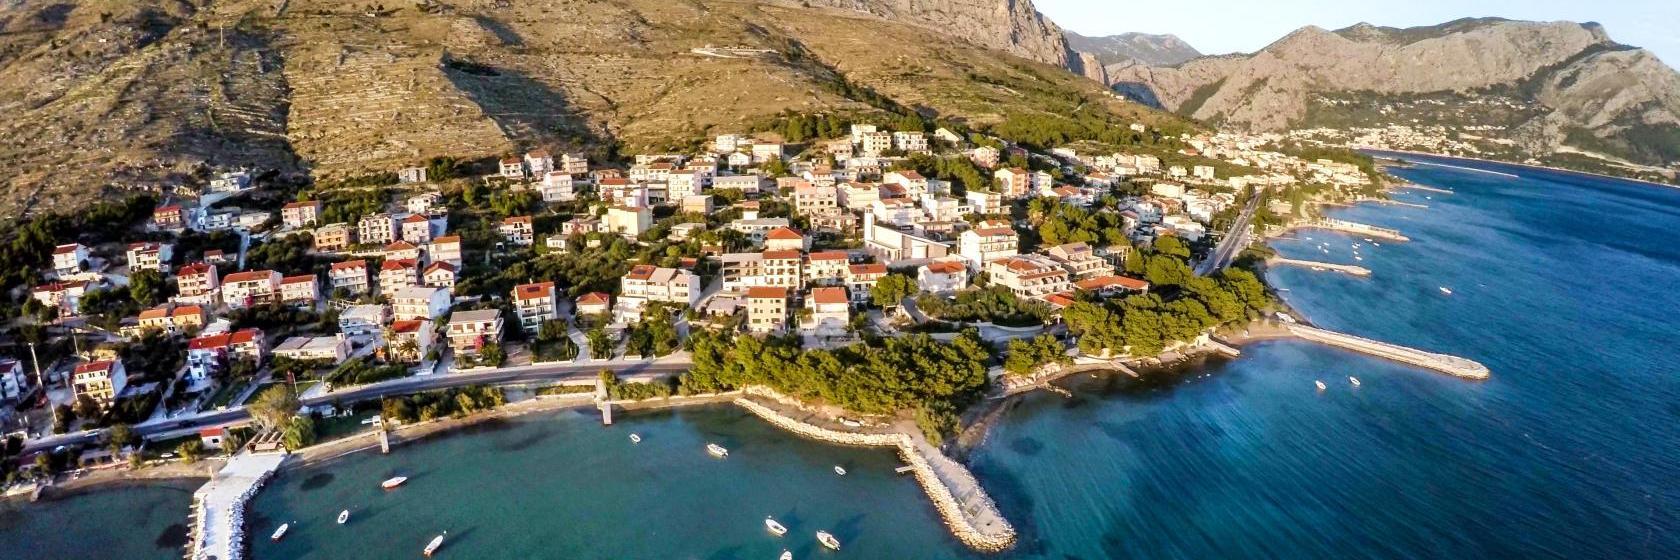 Horvátország segít: hajót küld a menekültek biztonságáért